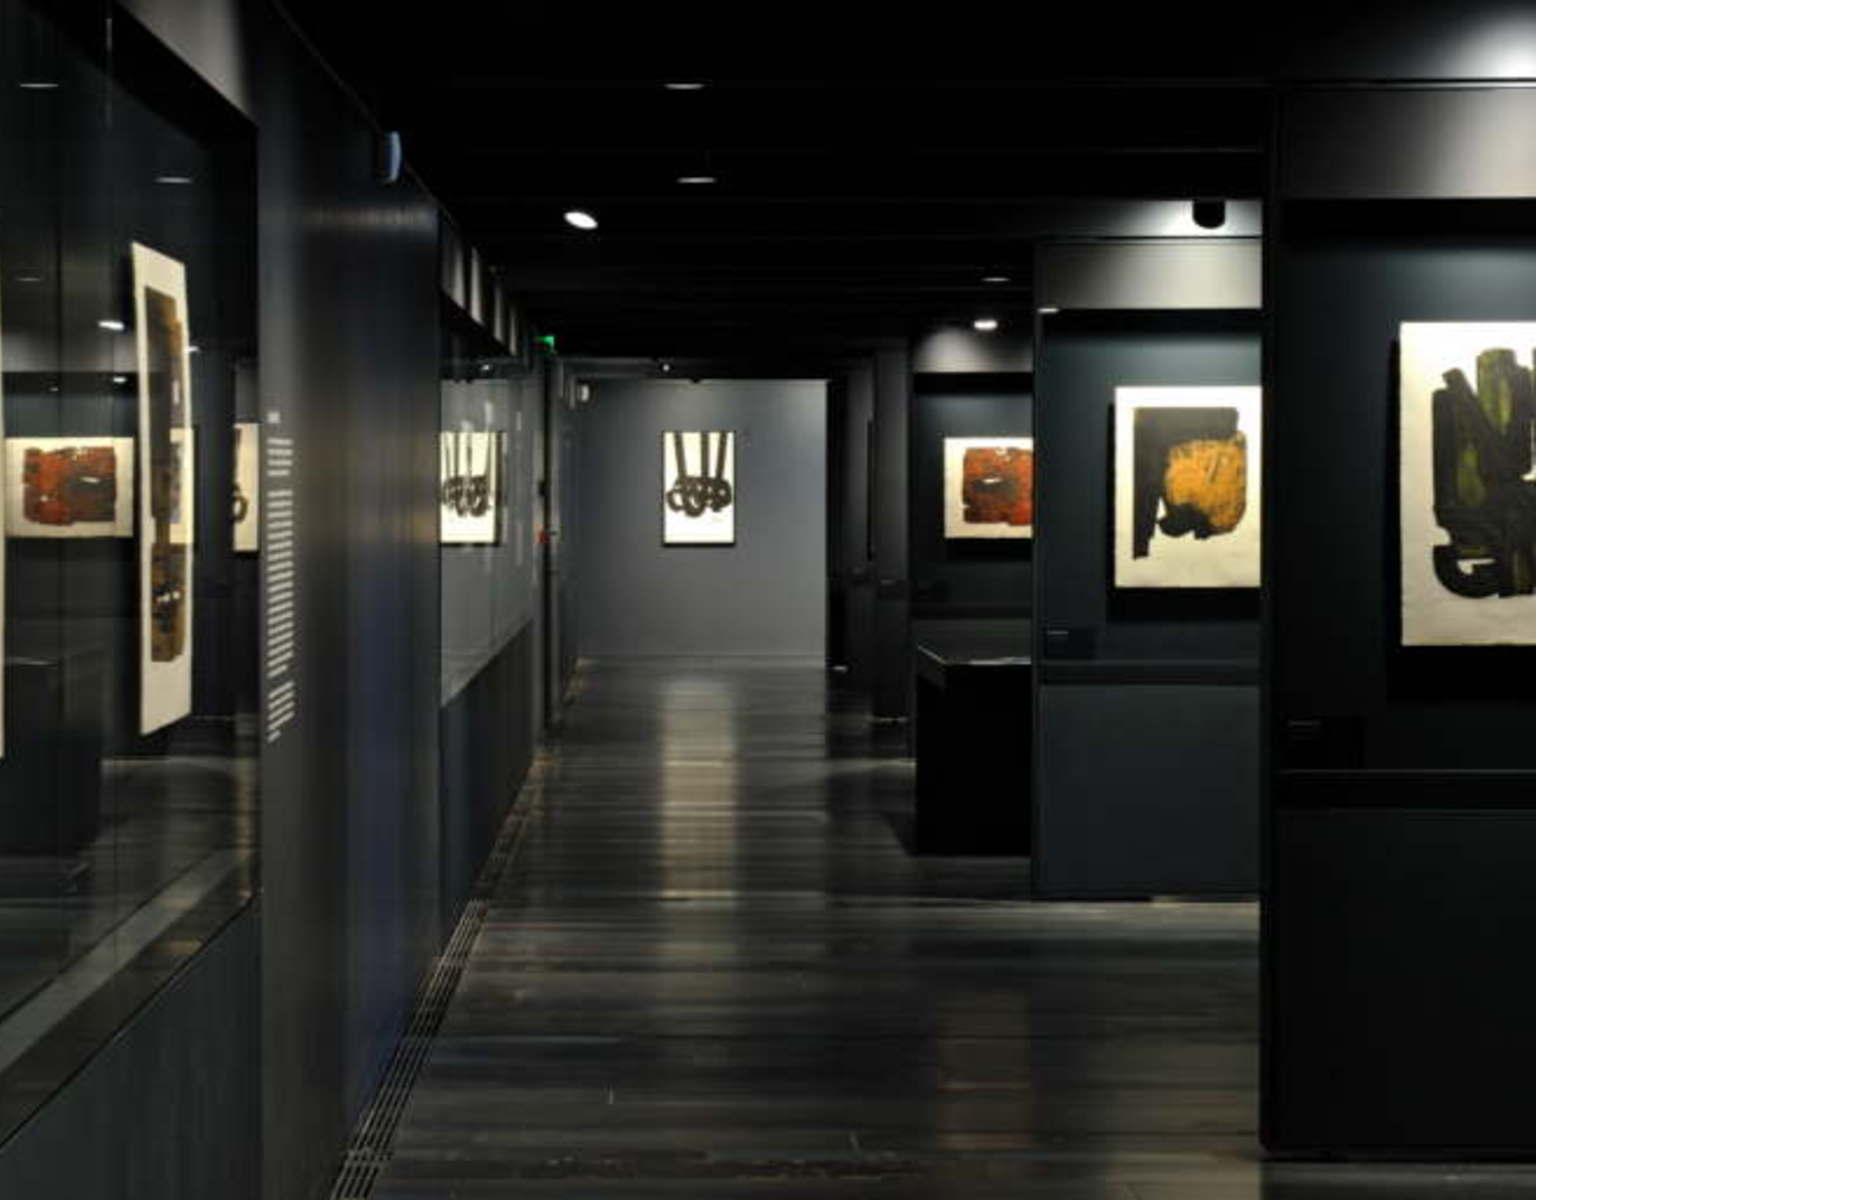 RCR Arquitectes Musee Soulages de Rodez France  Floornature